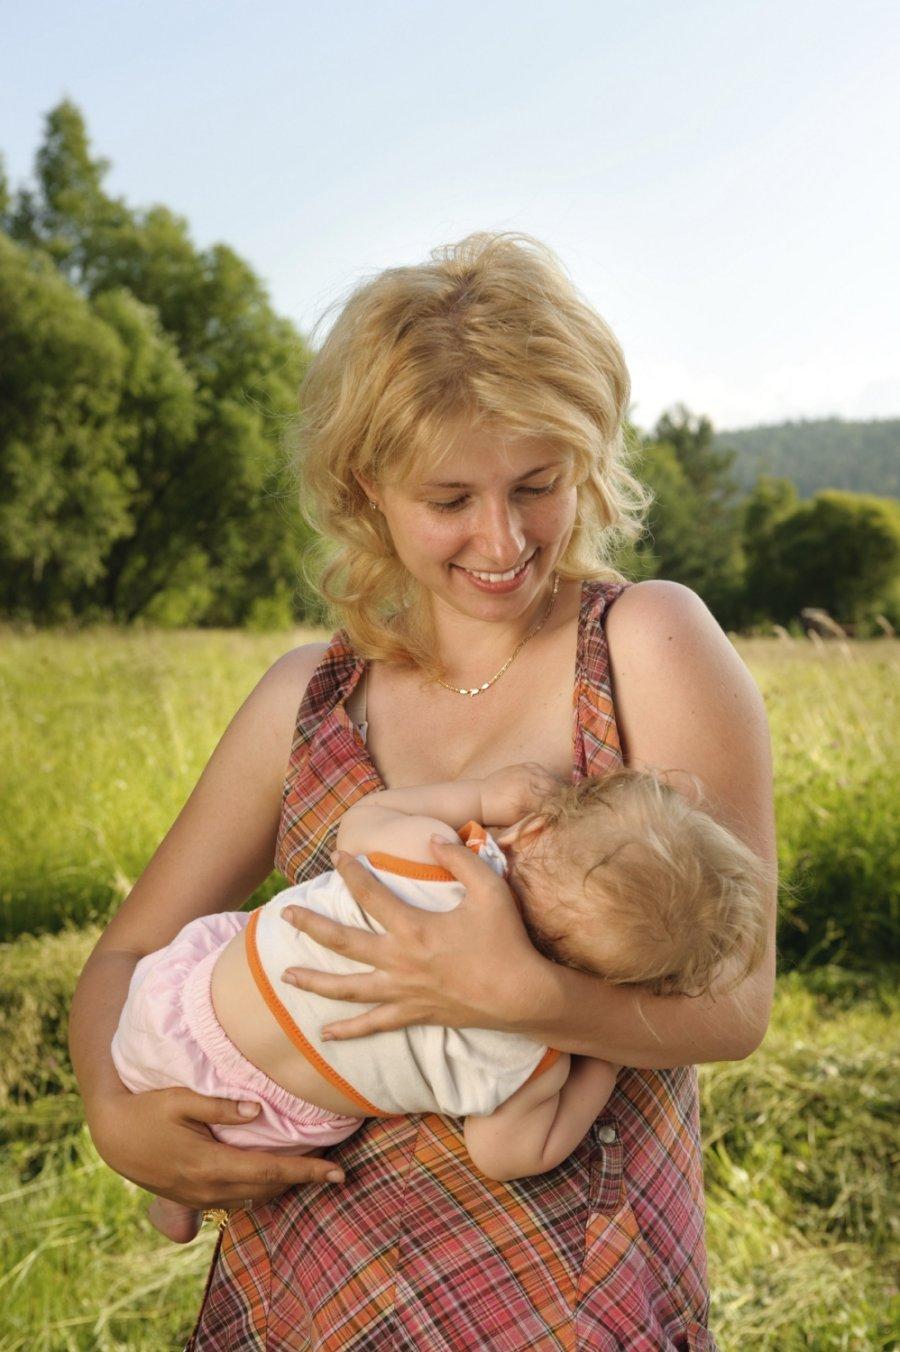 Live Healthy New Zealand - Get Yourself Super Healthy & Energised Fast Live Healthy - Be Healthy with Herbalife